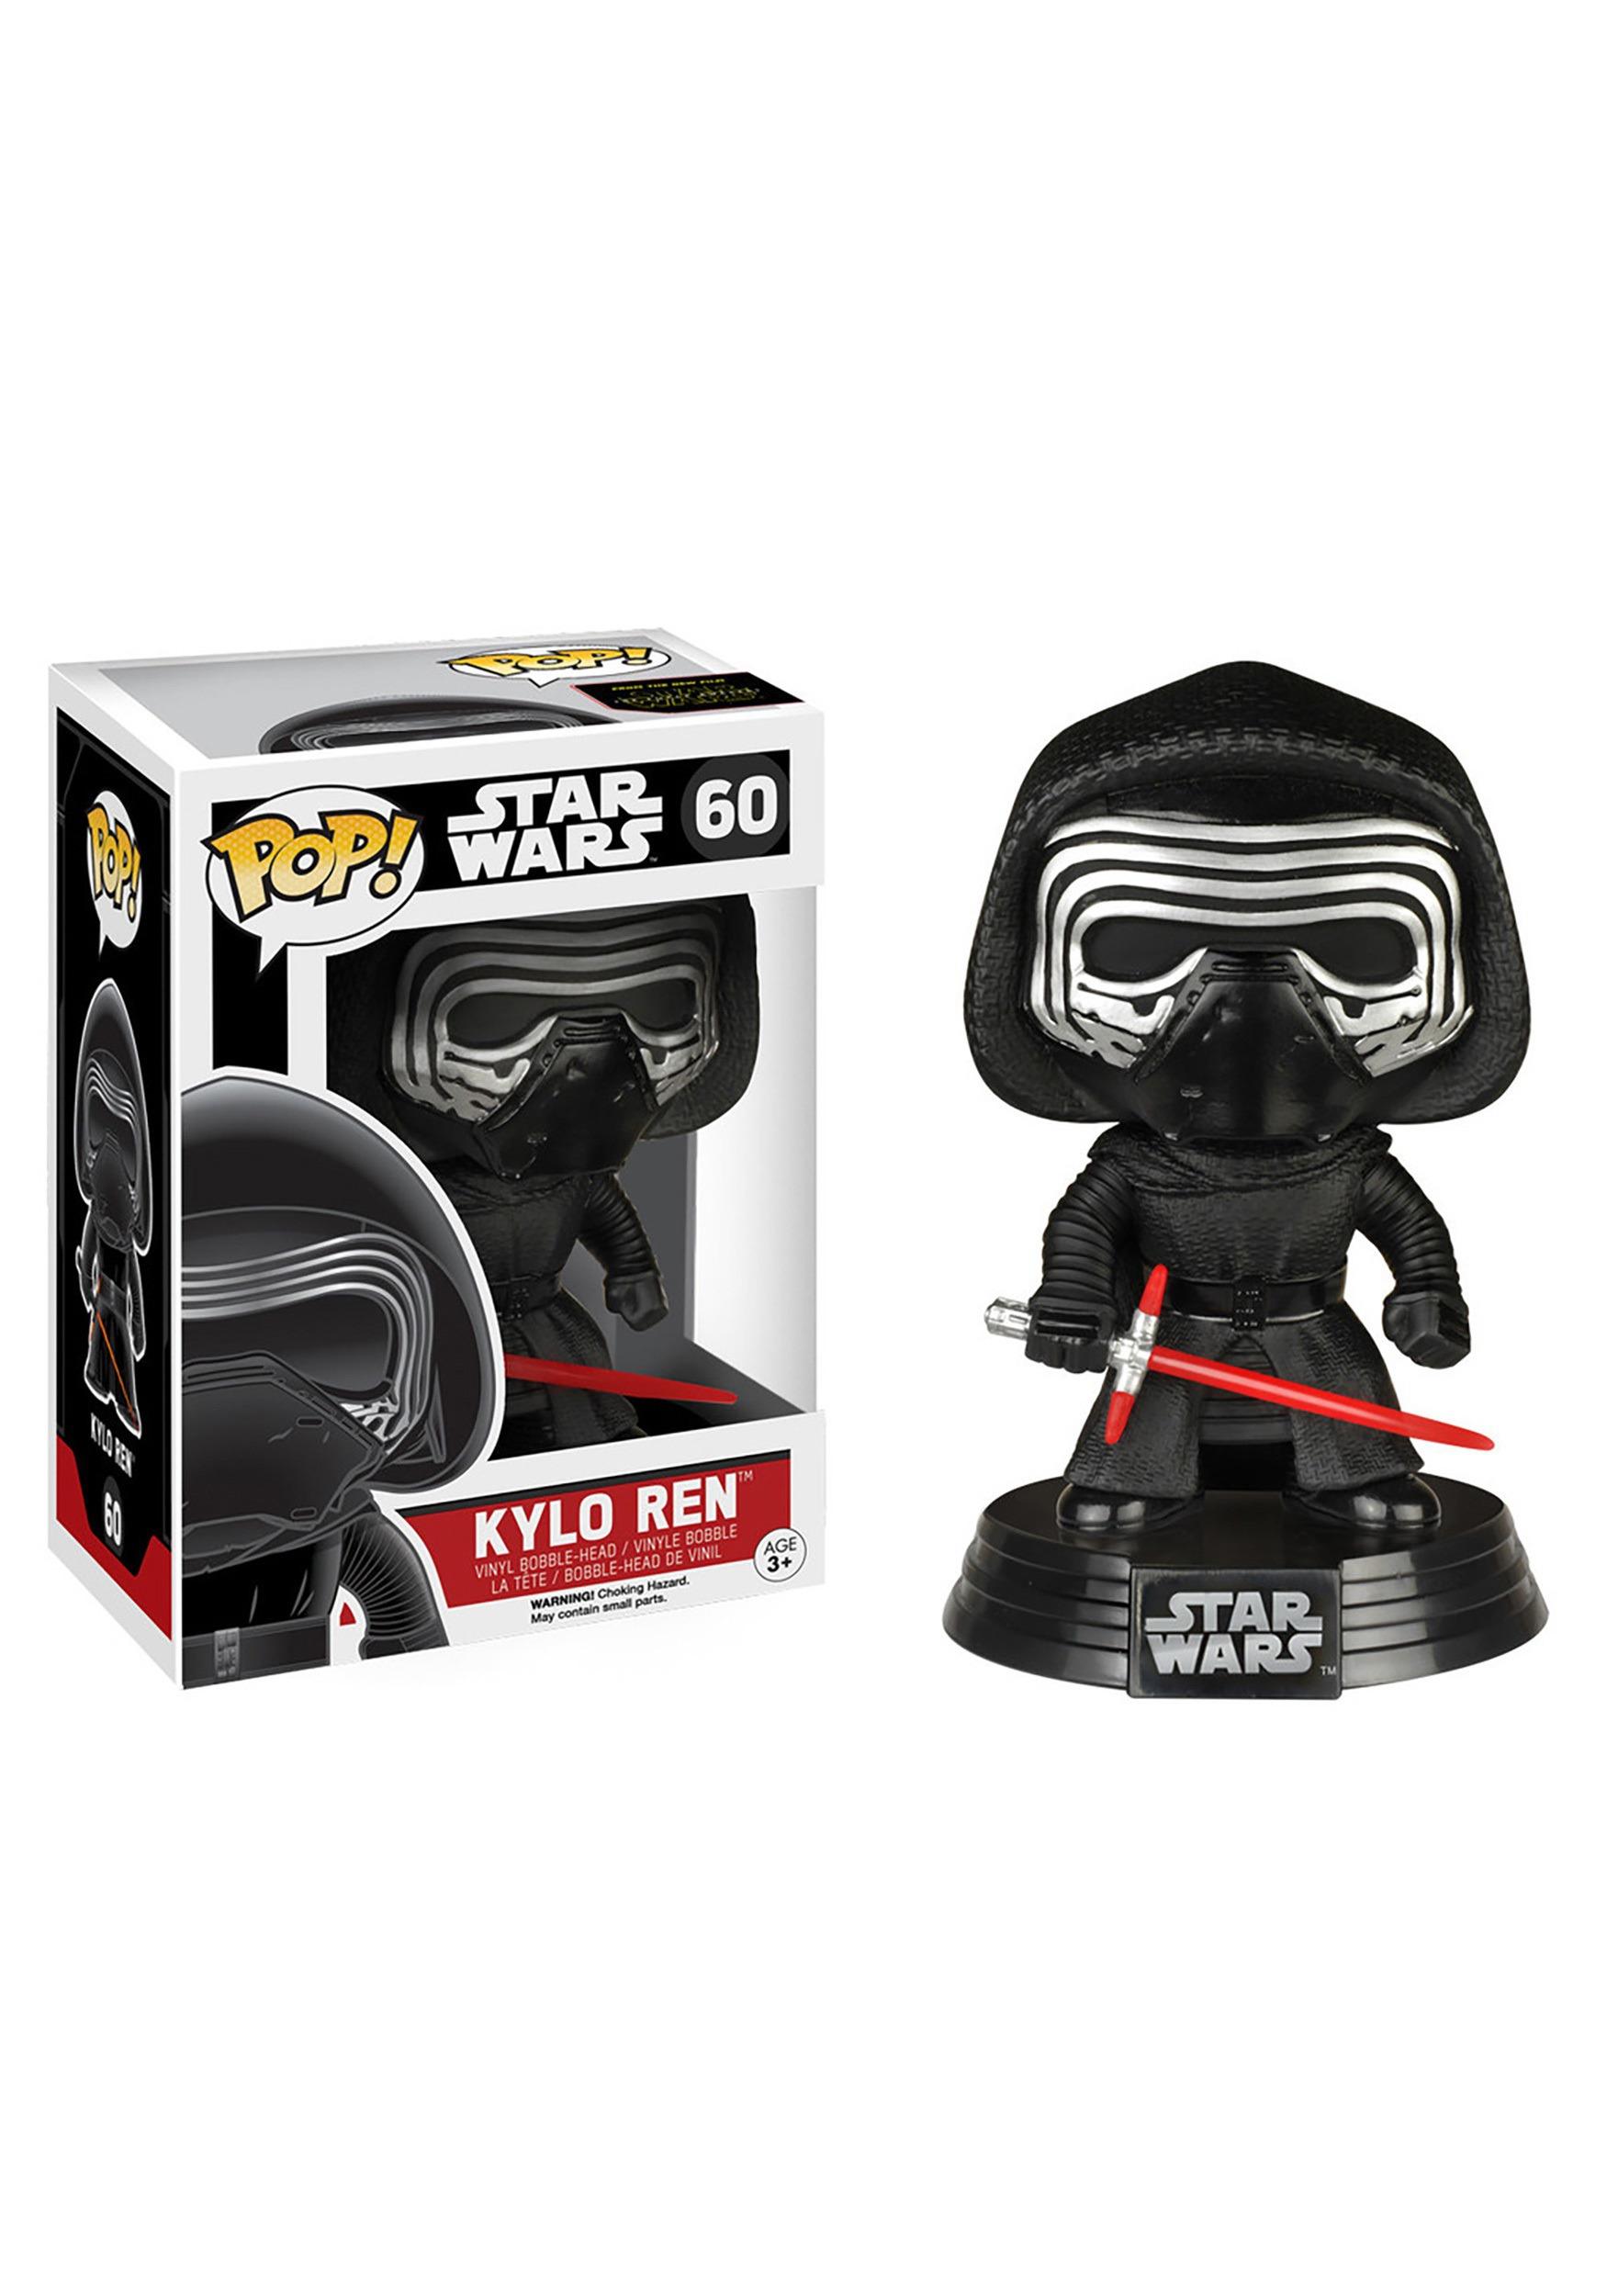 POP! Star Wars E7 Kylo Ren Bobblehead Figure  FN6227